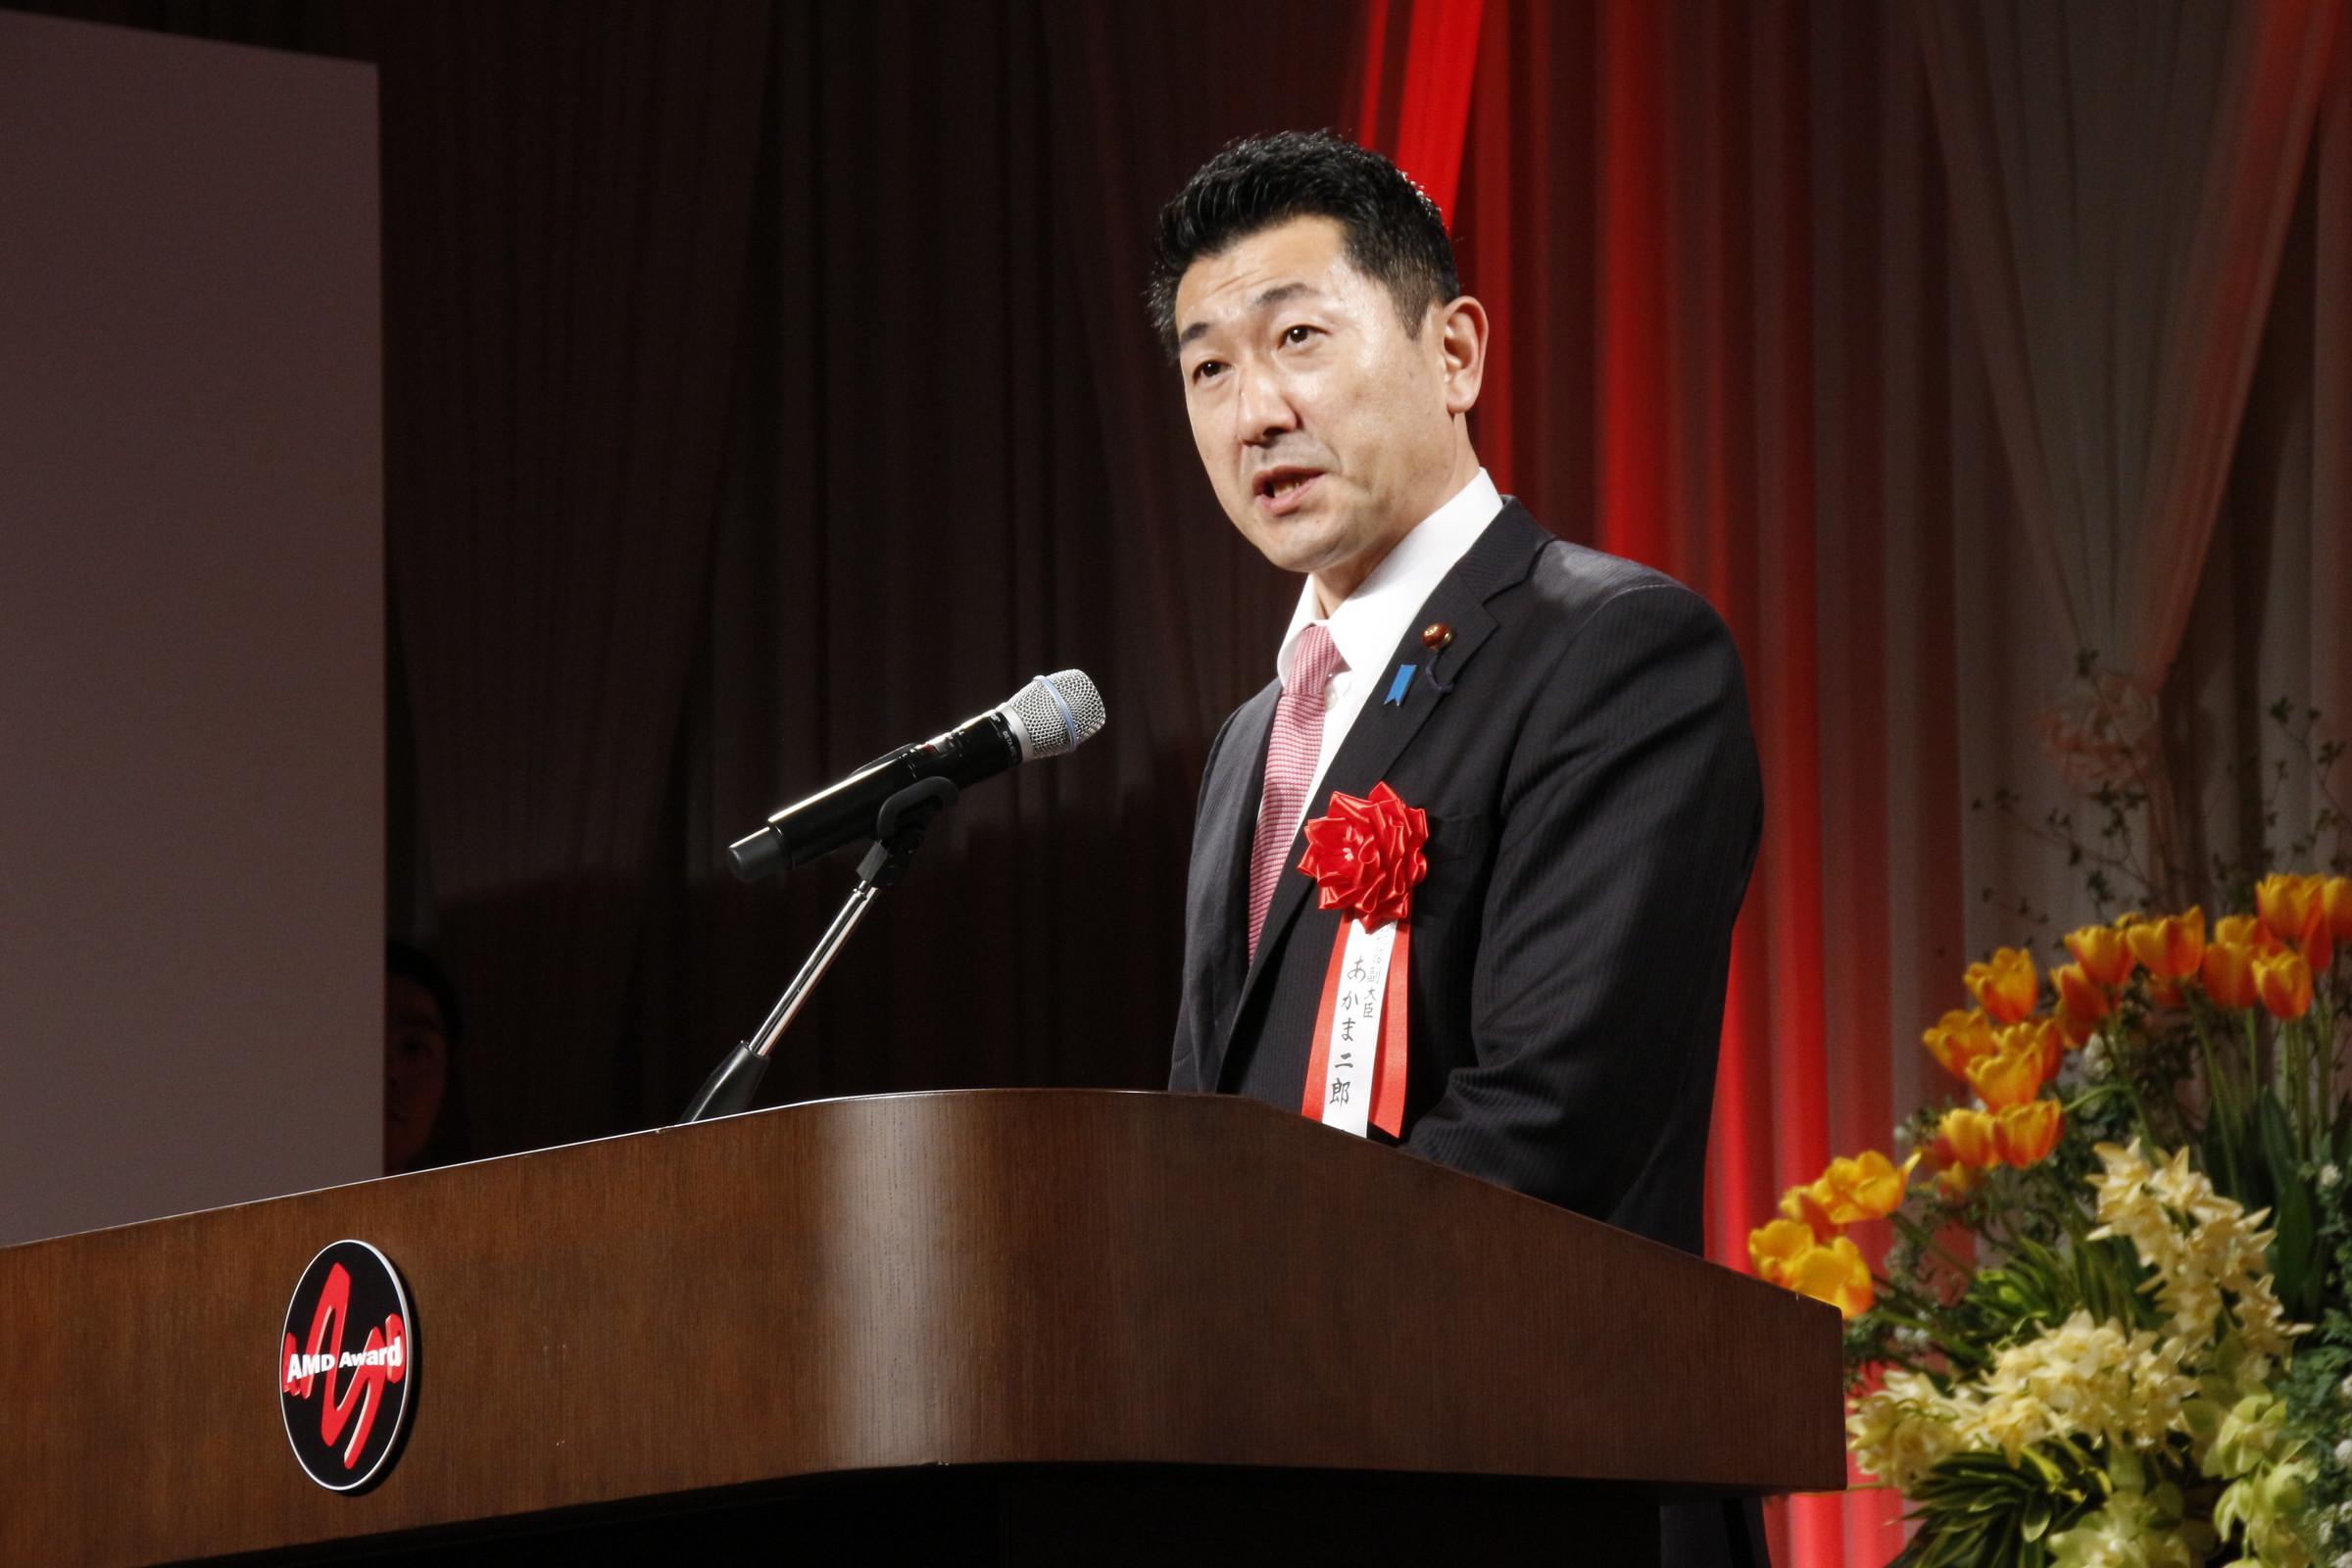 総務副大臣のあかま二郎氏